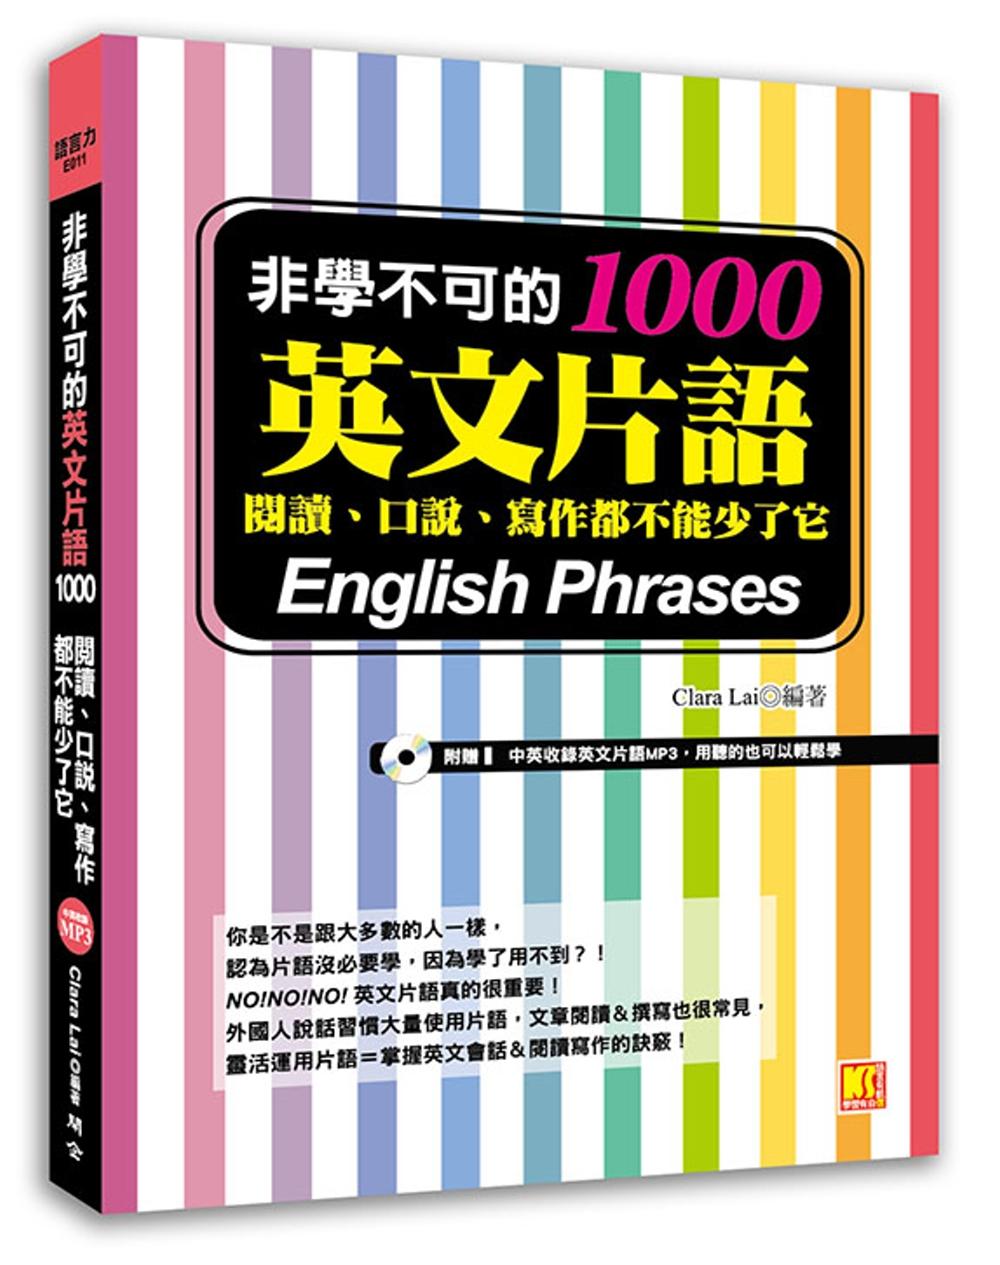 ◤博客來BOOKS◢ 暢銷書榜《推薦》非學不可的英文片語1000:閱讀、口說、寫作都不能少了它(附贈!中英收錄英文片語MP3,用聽的也可以輕鬆學)